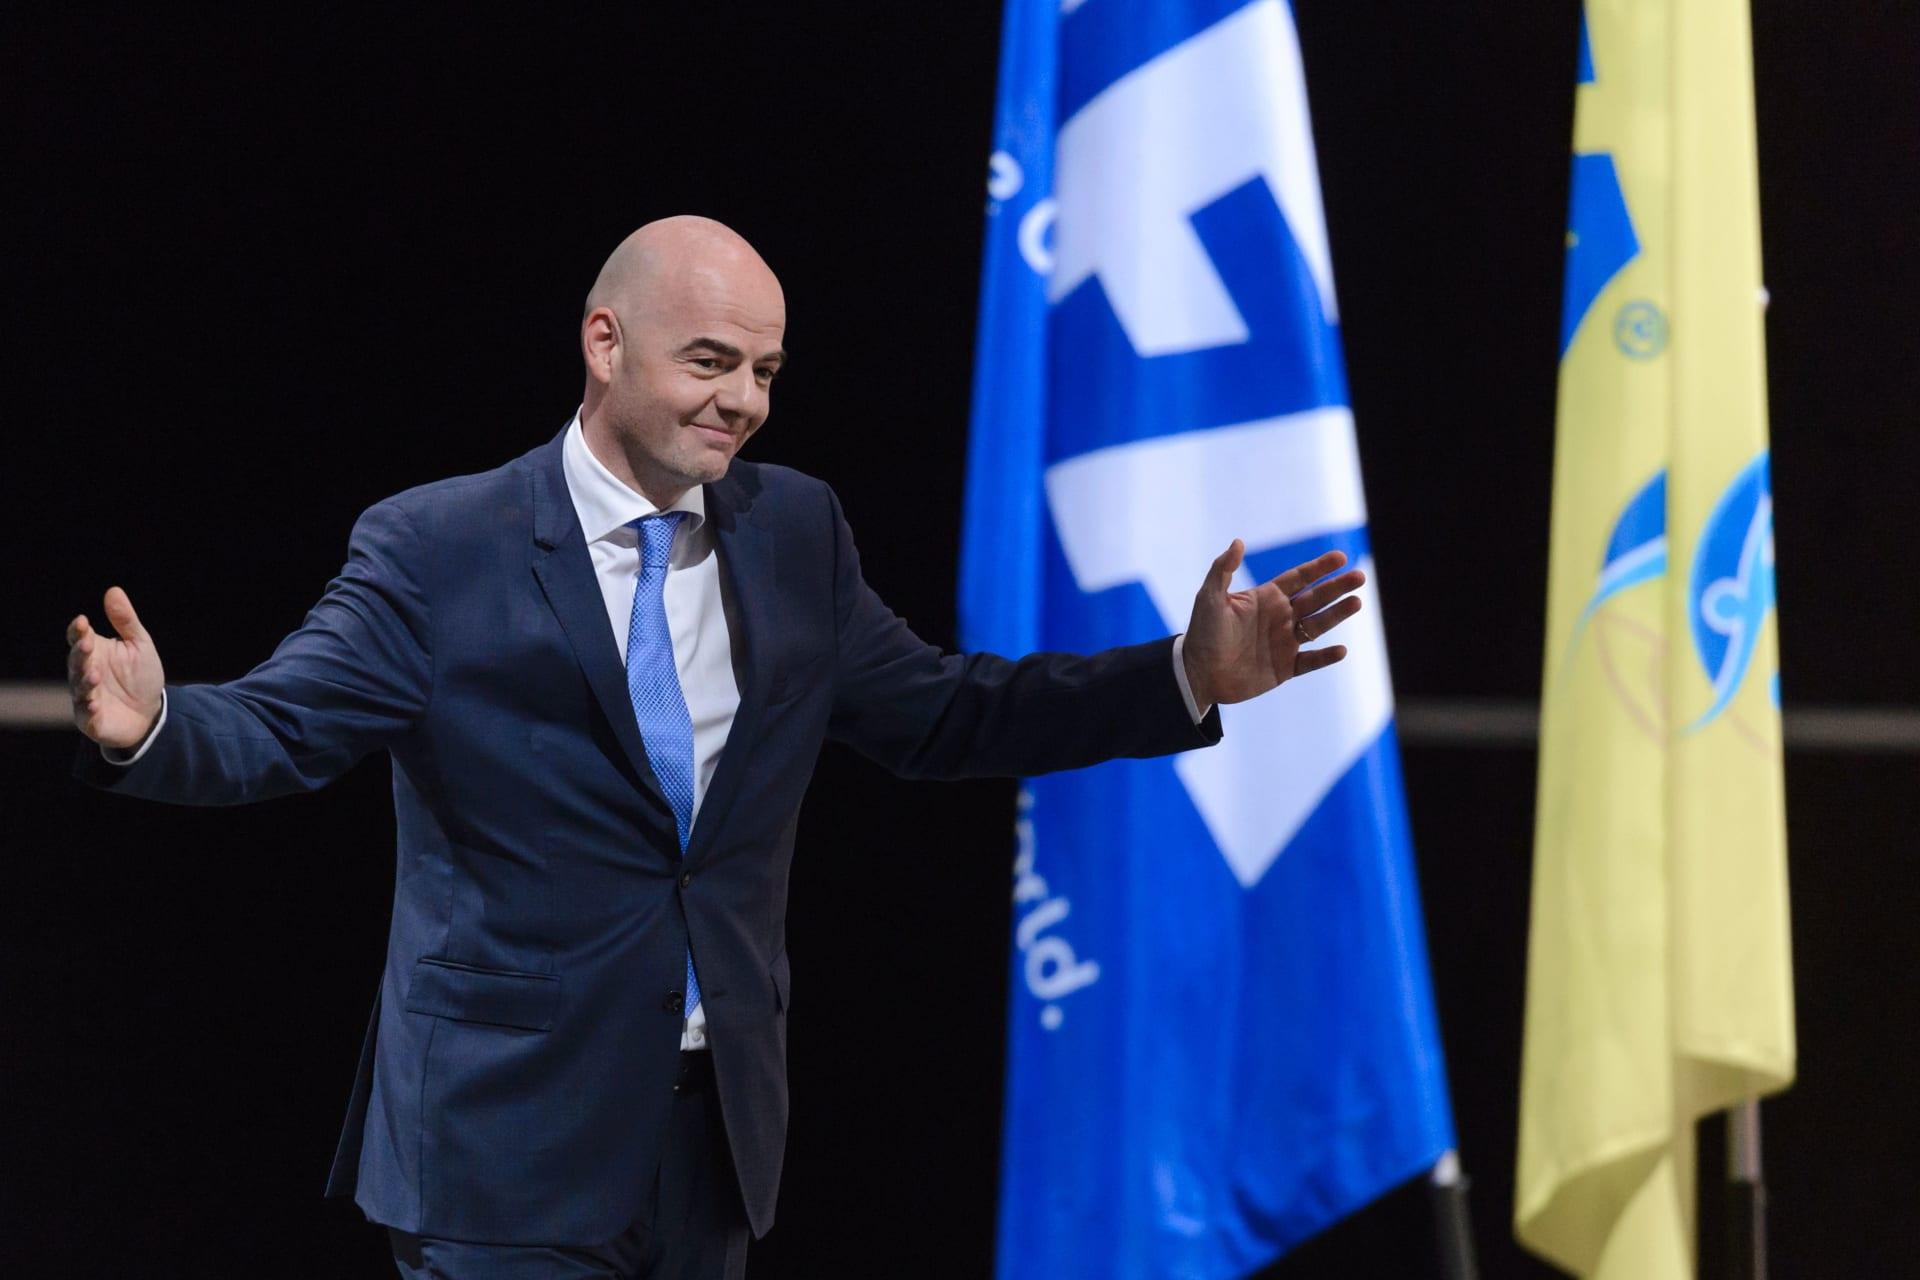 فيفا يكشف عن أول مرشح لانتخاباته الرئاسية المقبلة